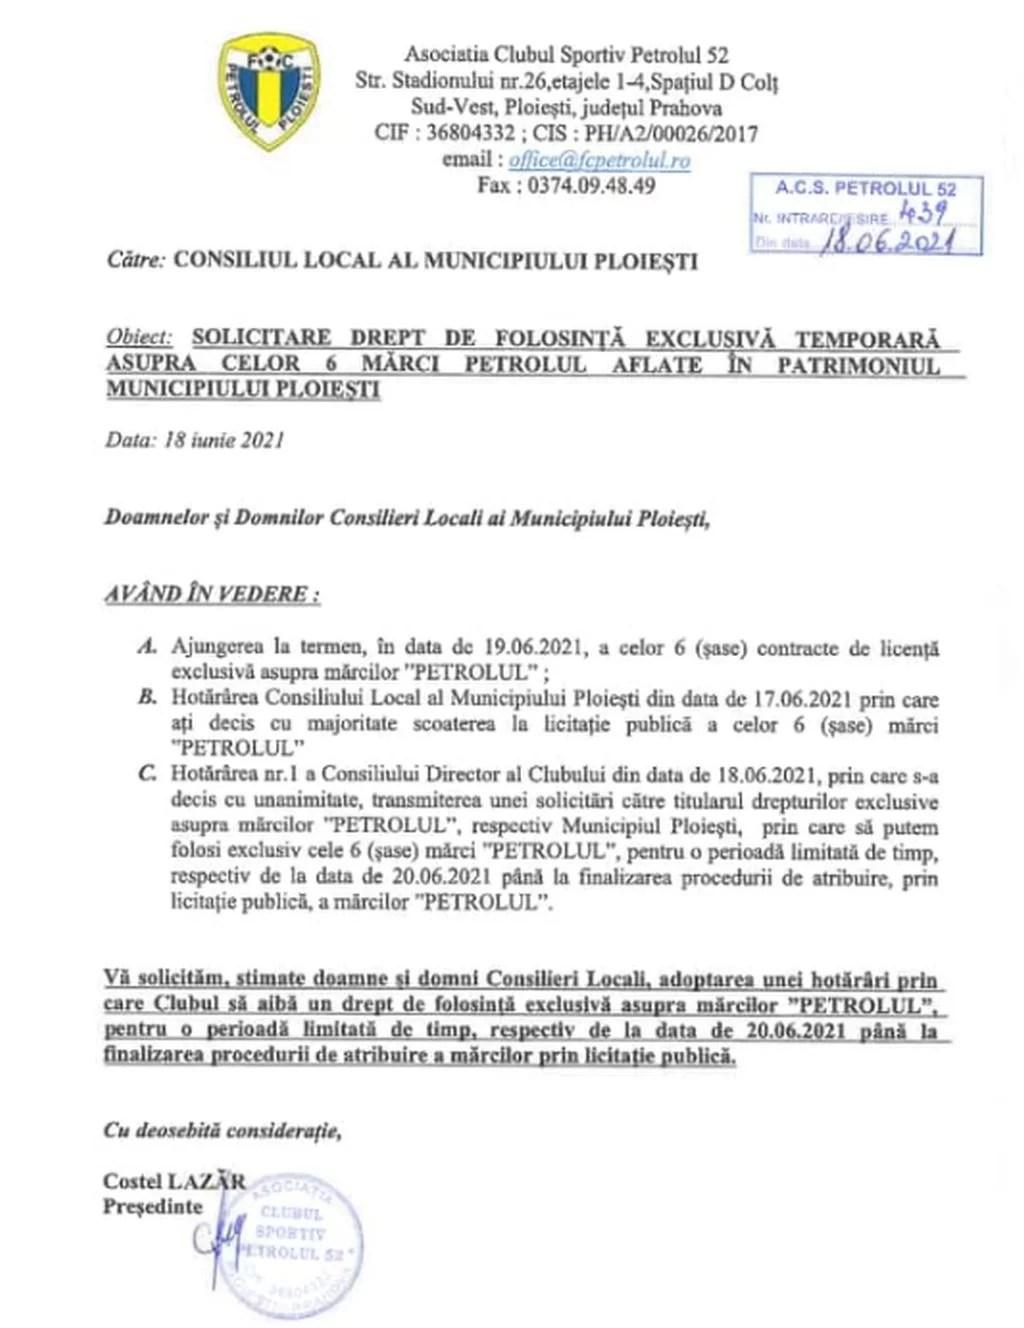 Va reveni Veolia România Servicii Integrate SA la ACS Petrolul '52 Ploiești? Sub ce formă ar face-o, de data aceasta? Corespondența dintre conducerea executivă a clubului și reprezentanța locală a bine cunoscutei multinaționale se intensifică!